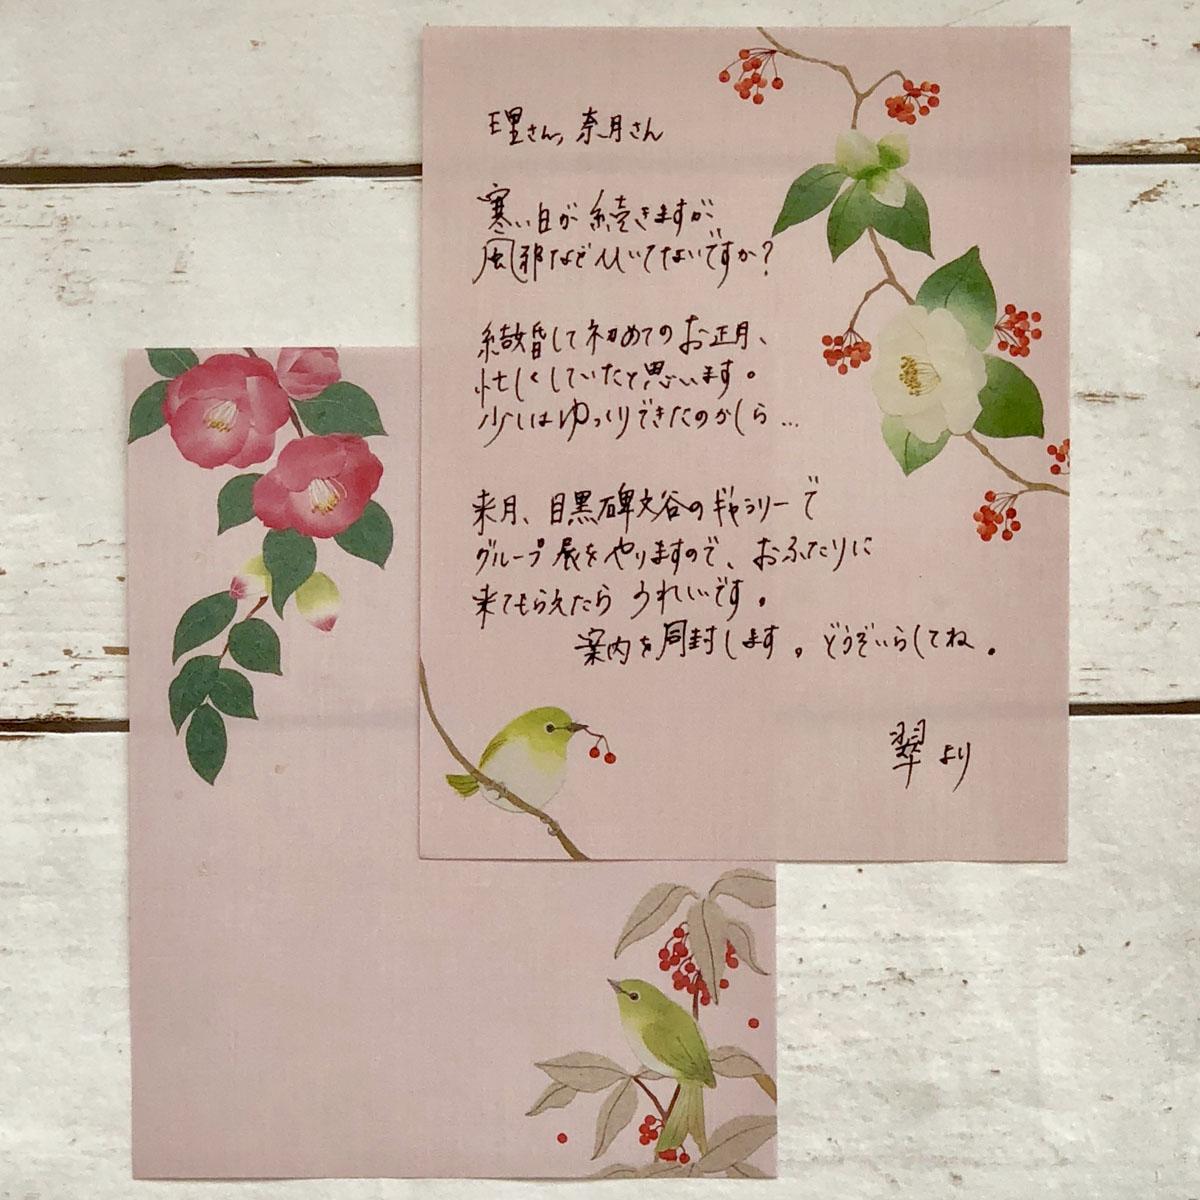 便箋 コラージュ 寒椿|pd-536